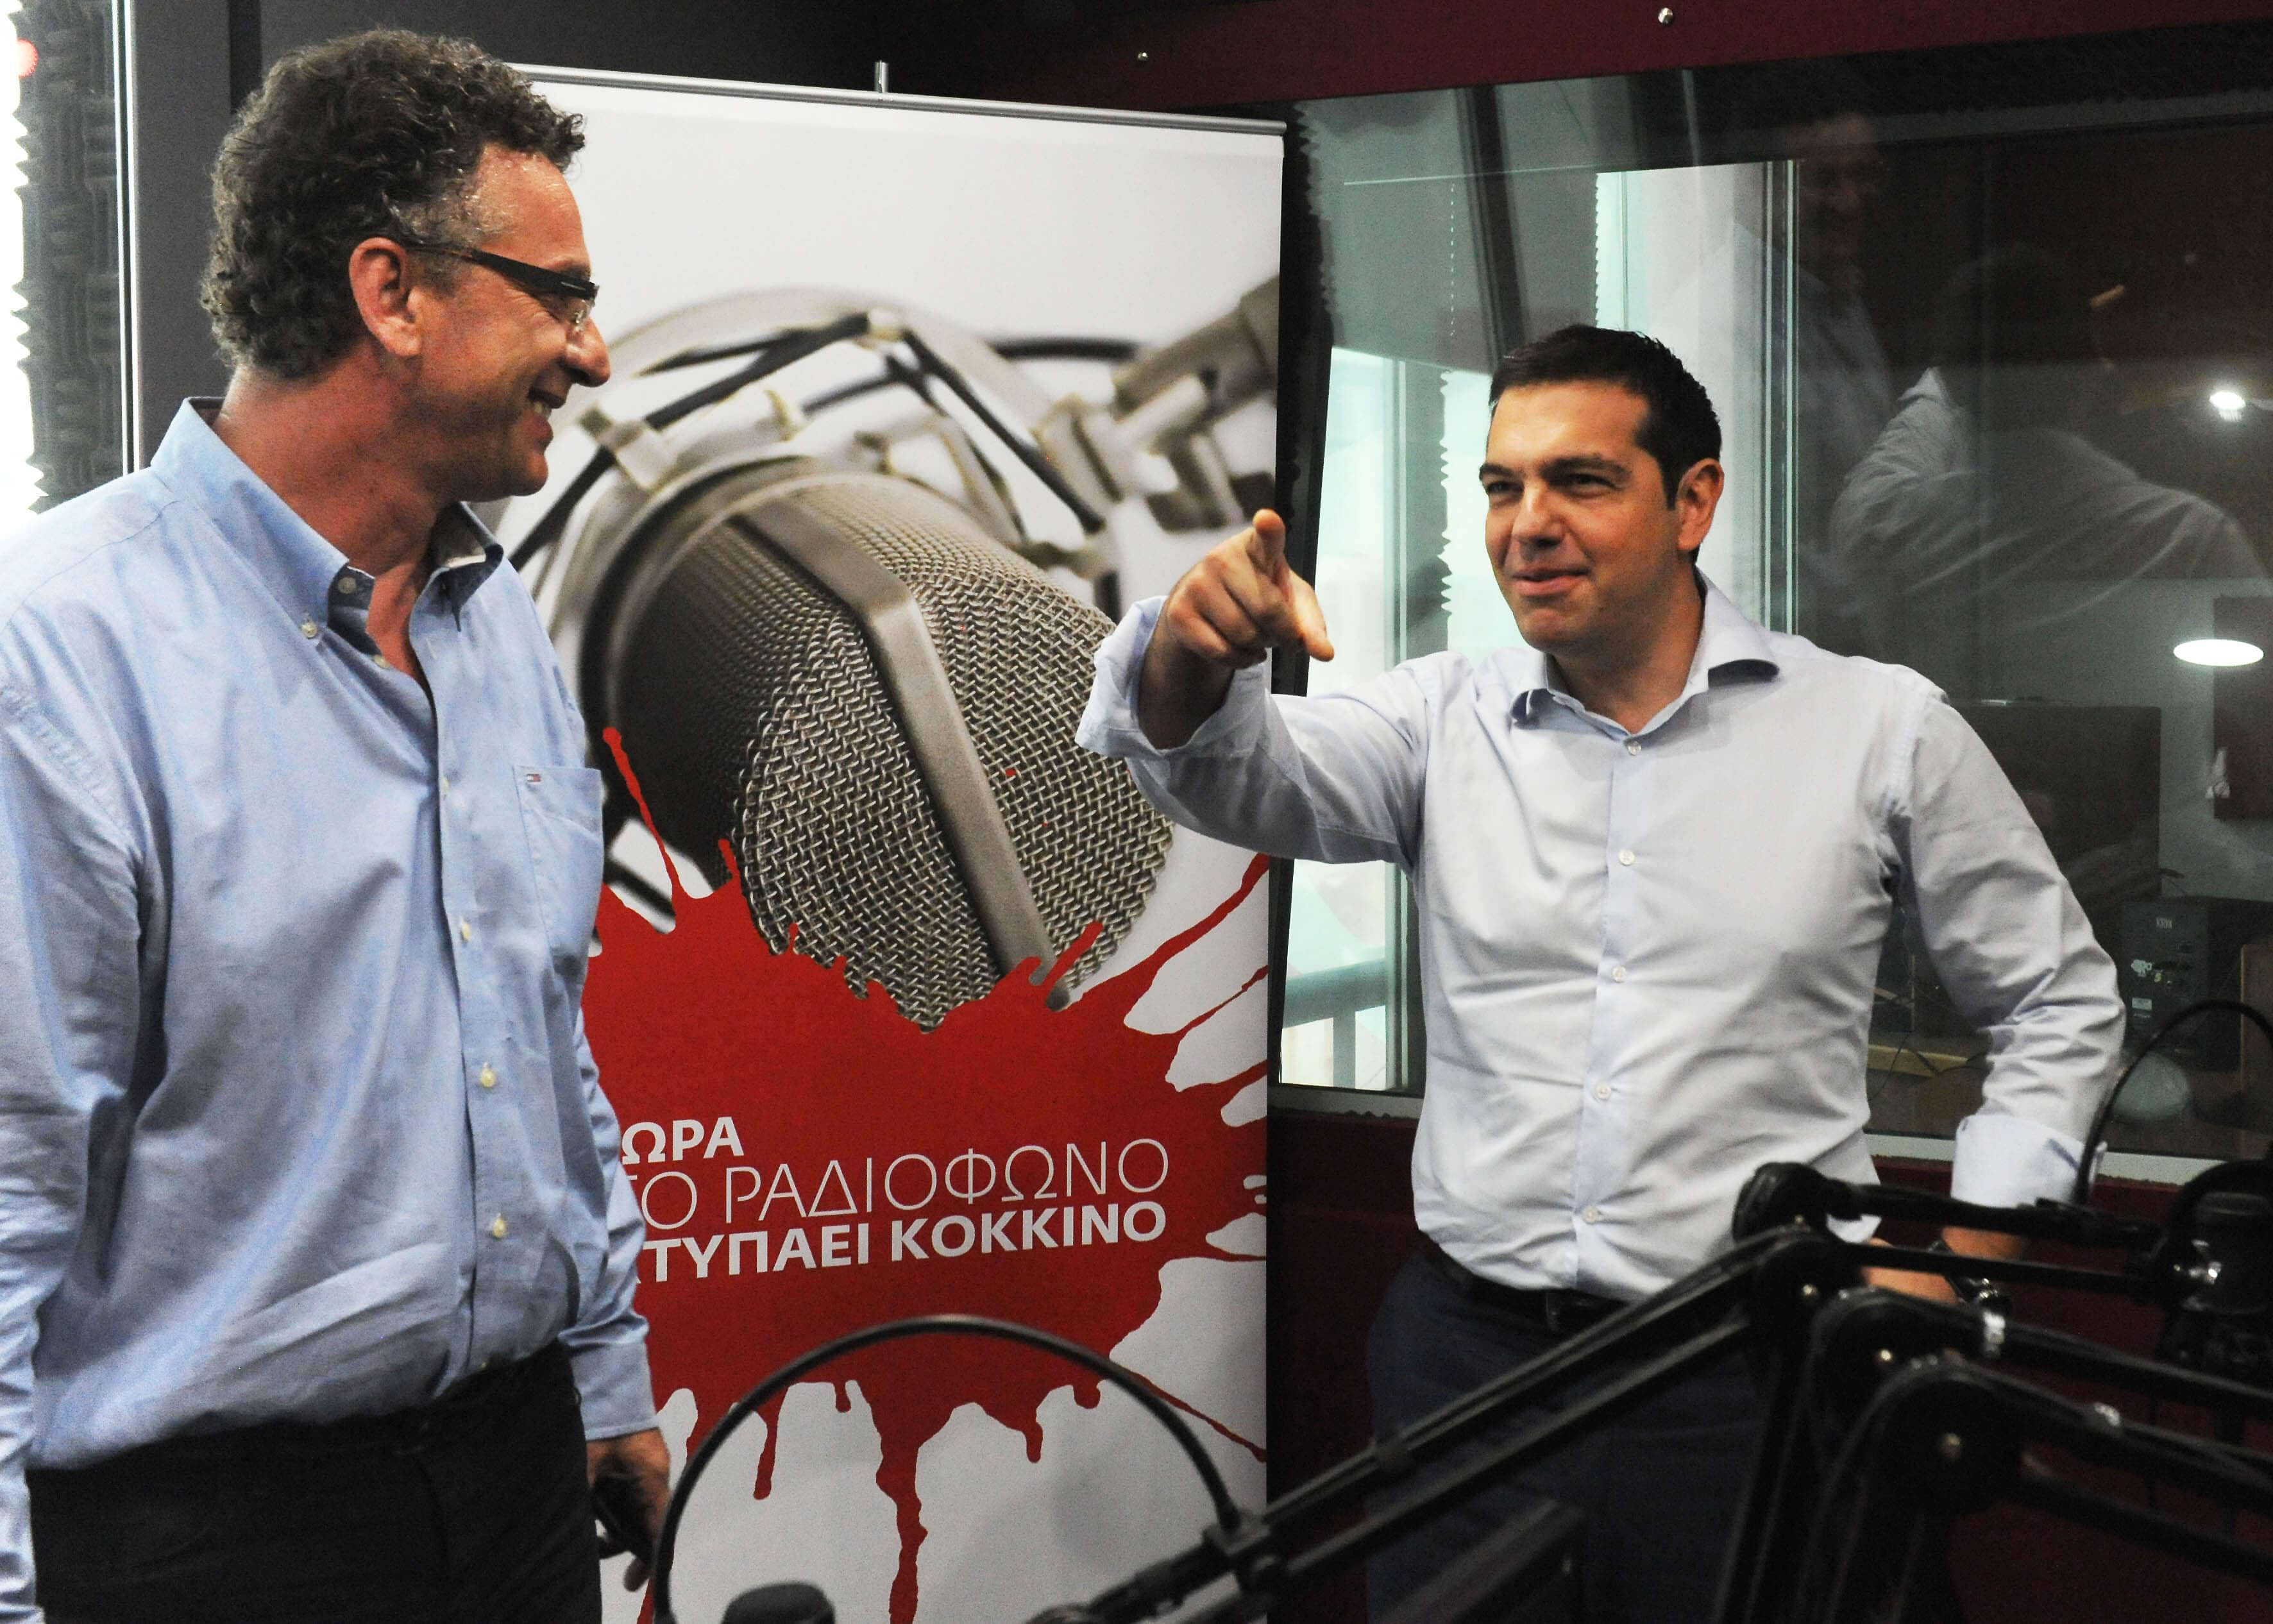 Αυτά είναι τα πρώτα ονόματα στο ευρωψηφοδέλτιο του ΣΥΡΙΖΑ